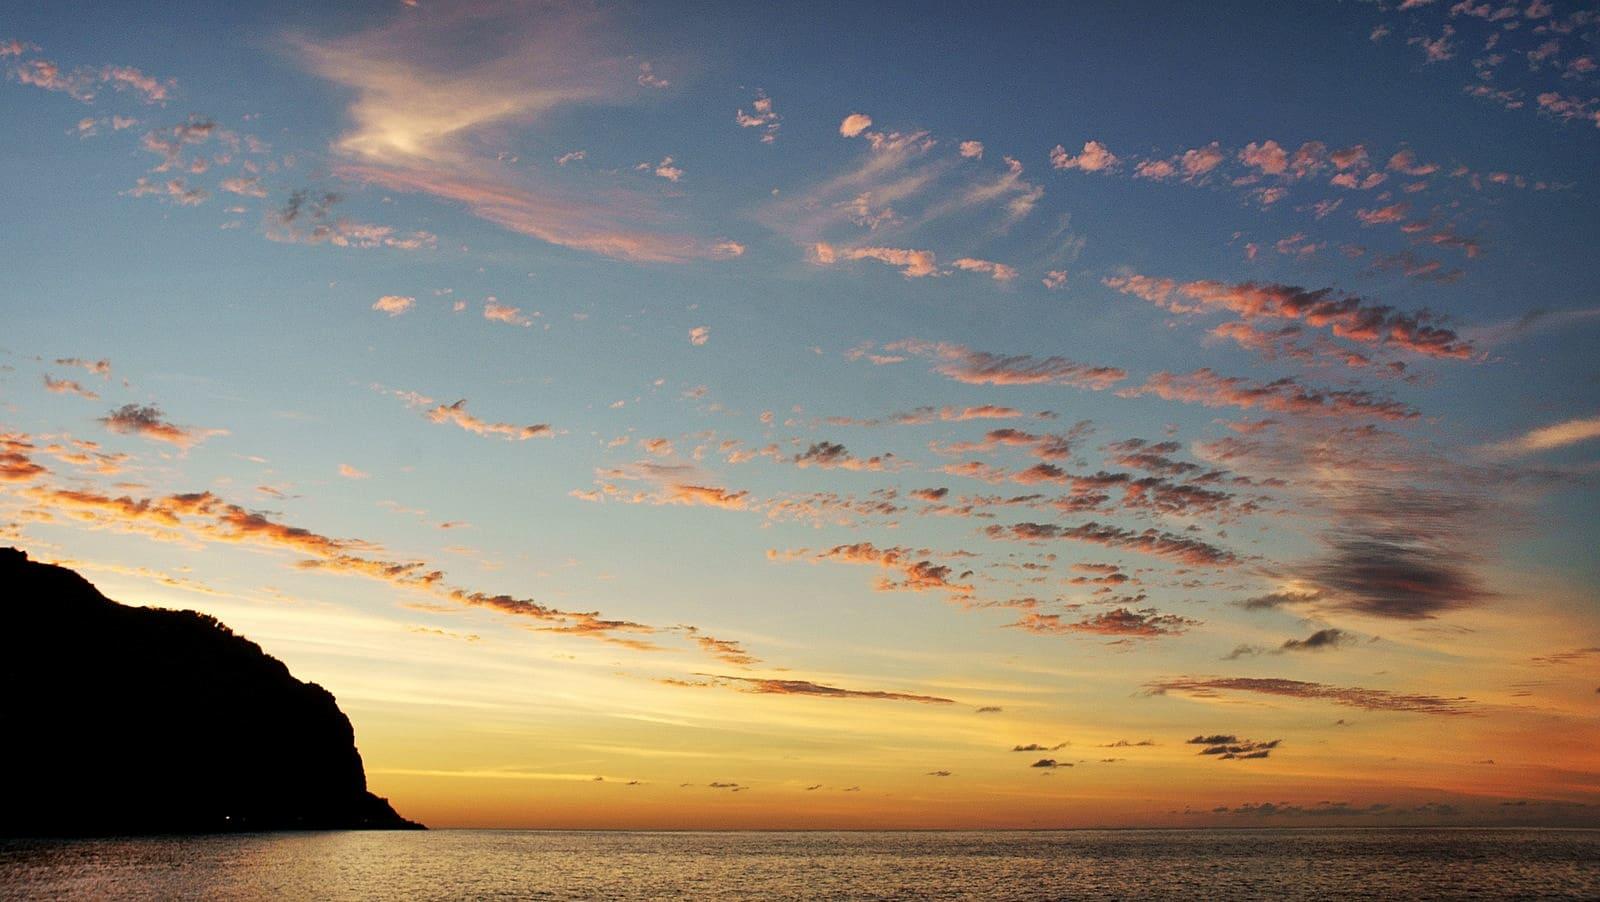 Cap Homard, meilleur coucher de soleil, Keylodge - location saisonnière réunion